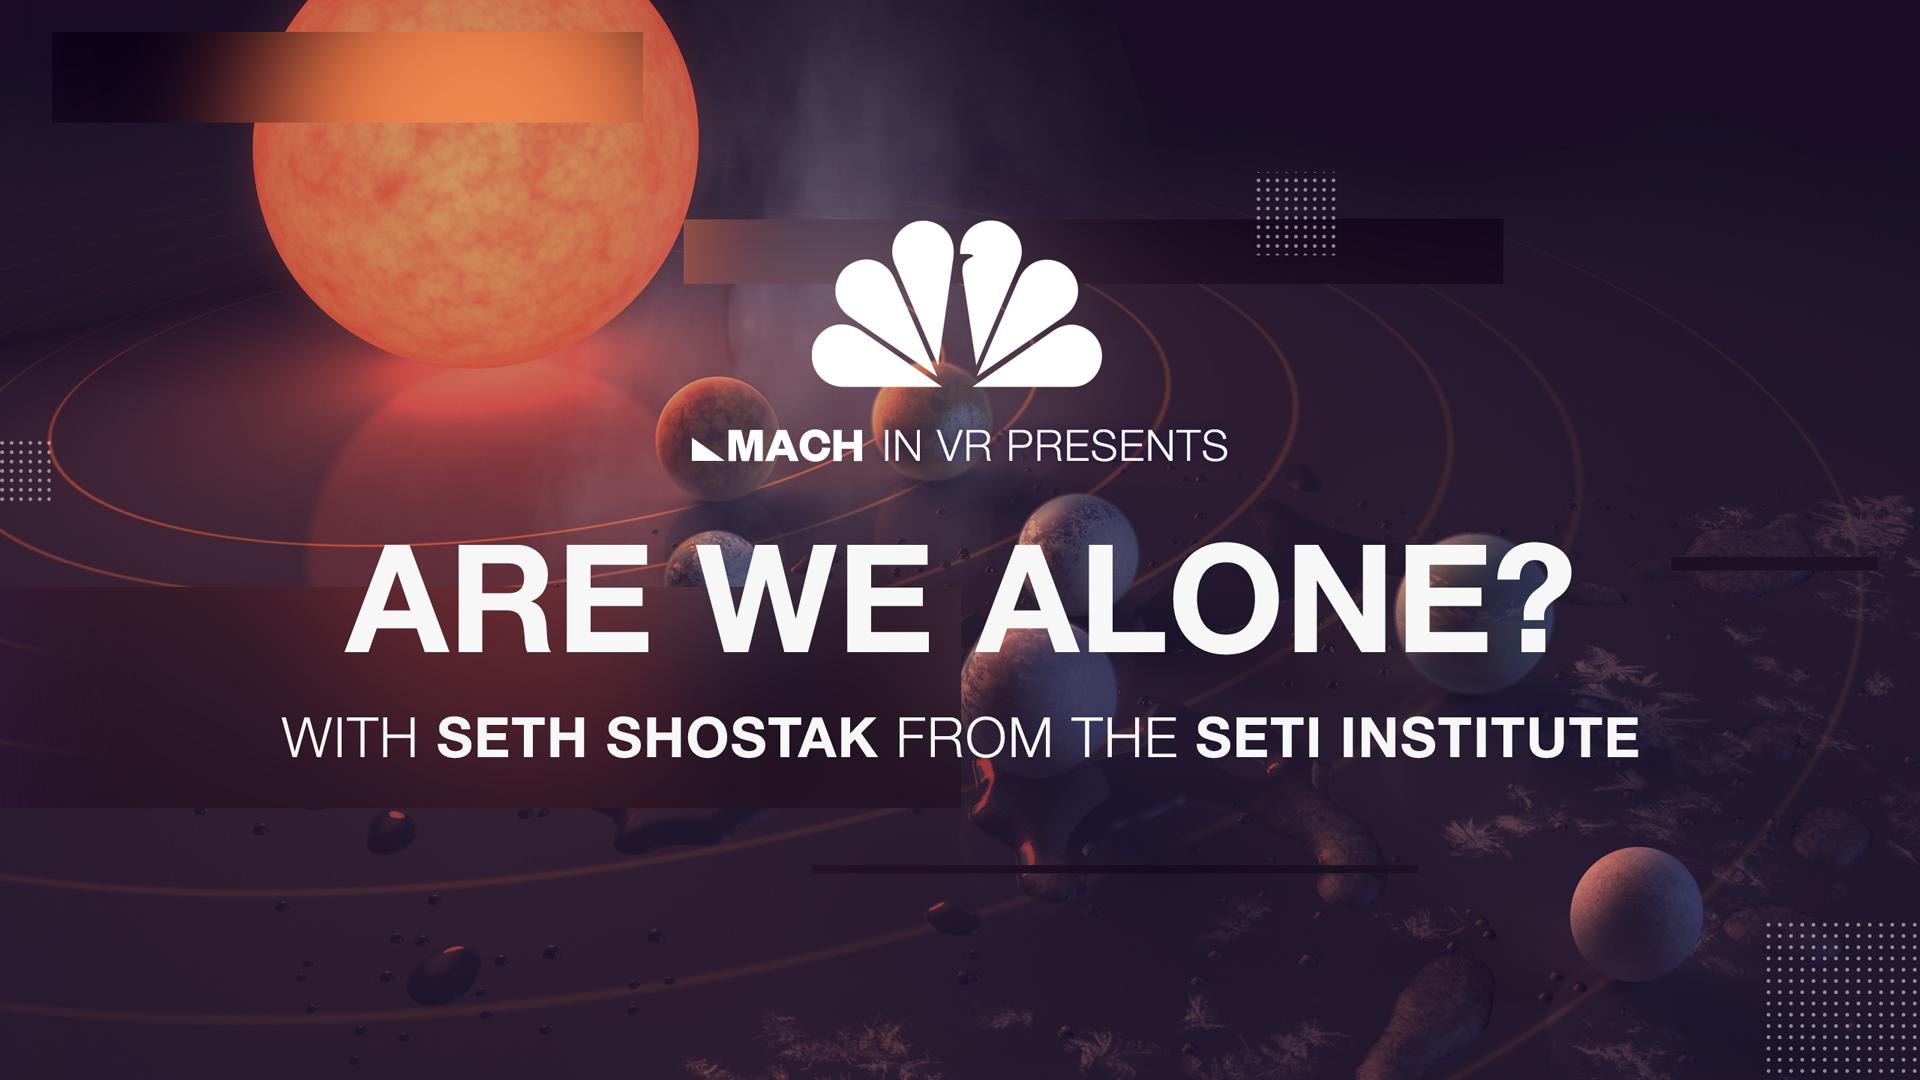 NBC MACH:Are We Alone